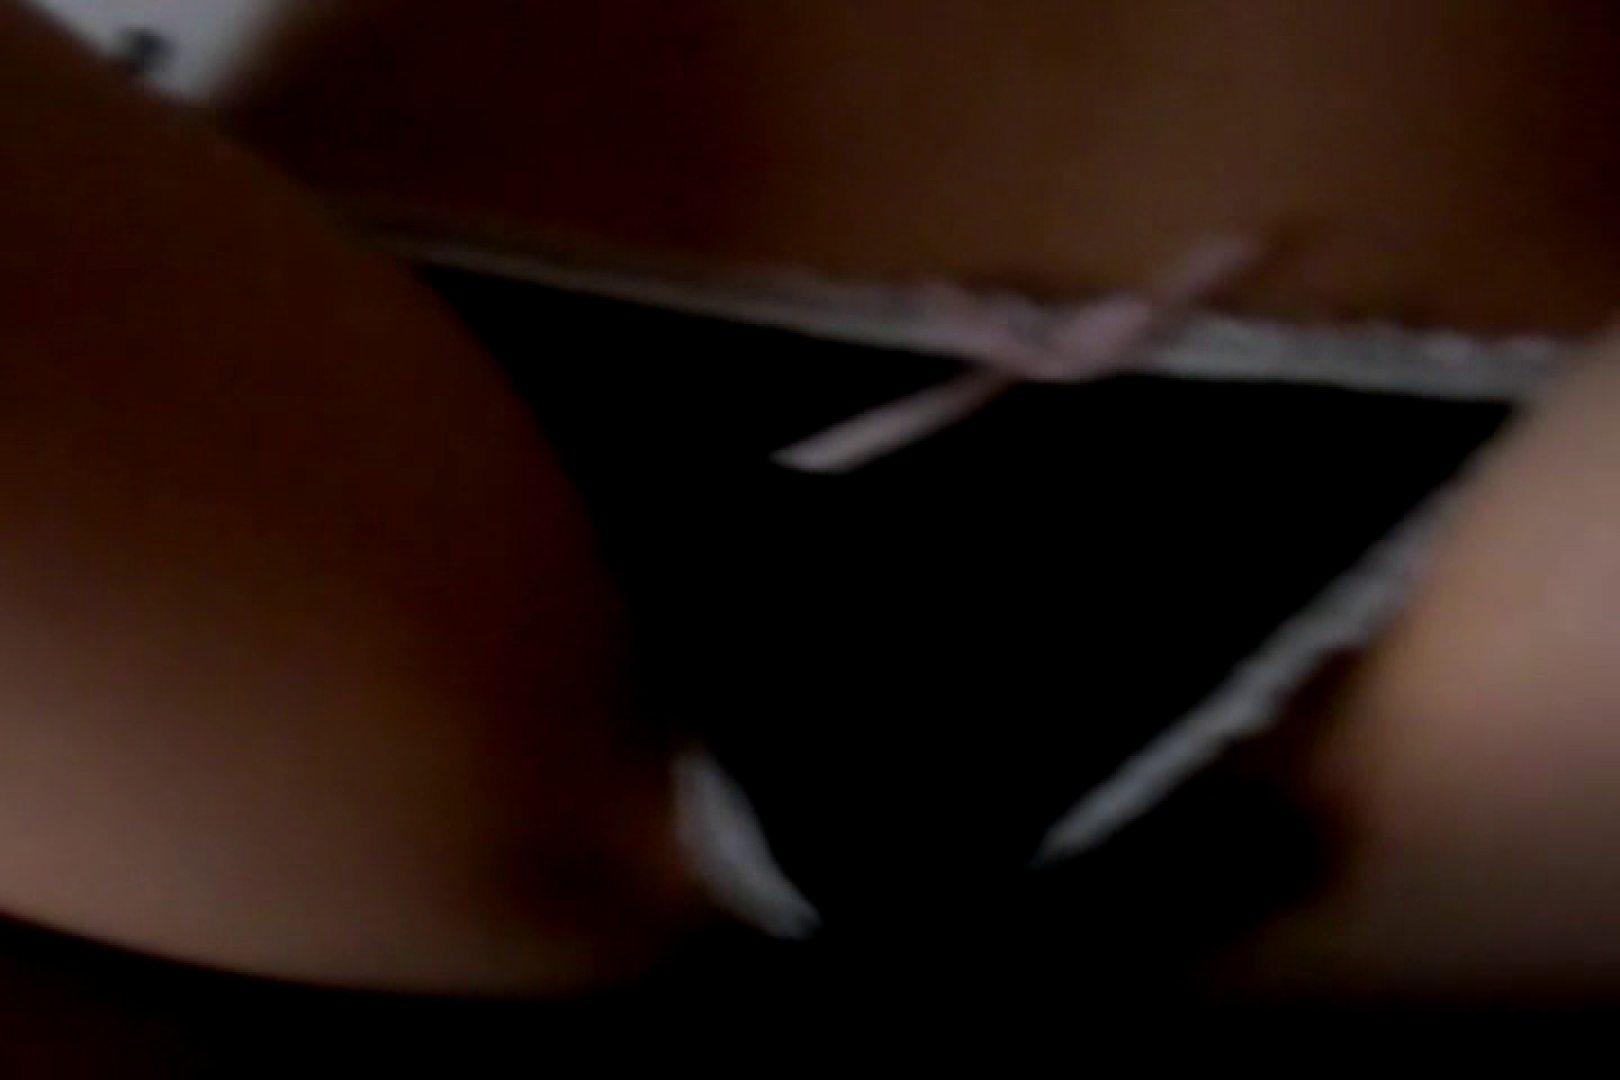 ウイルス流出 レオ&マンコのアルバム プライベート | クンニ  101連発 87